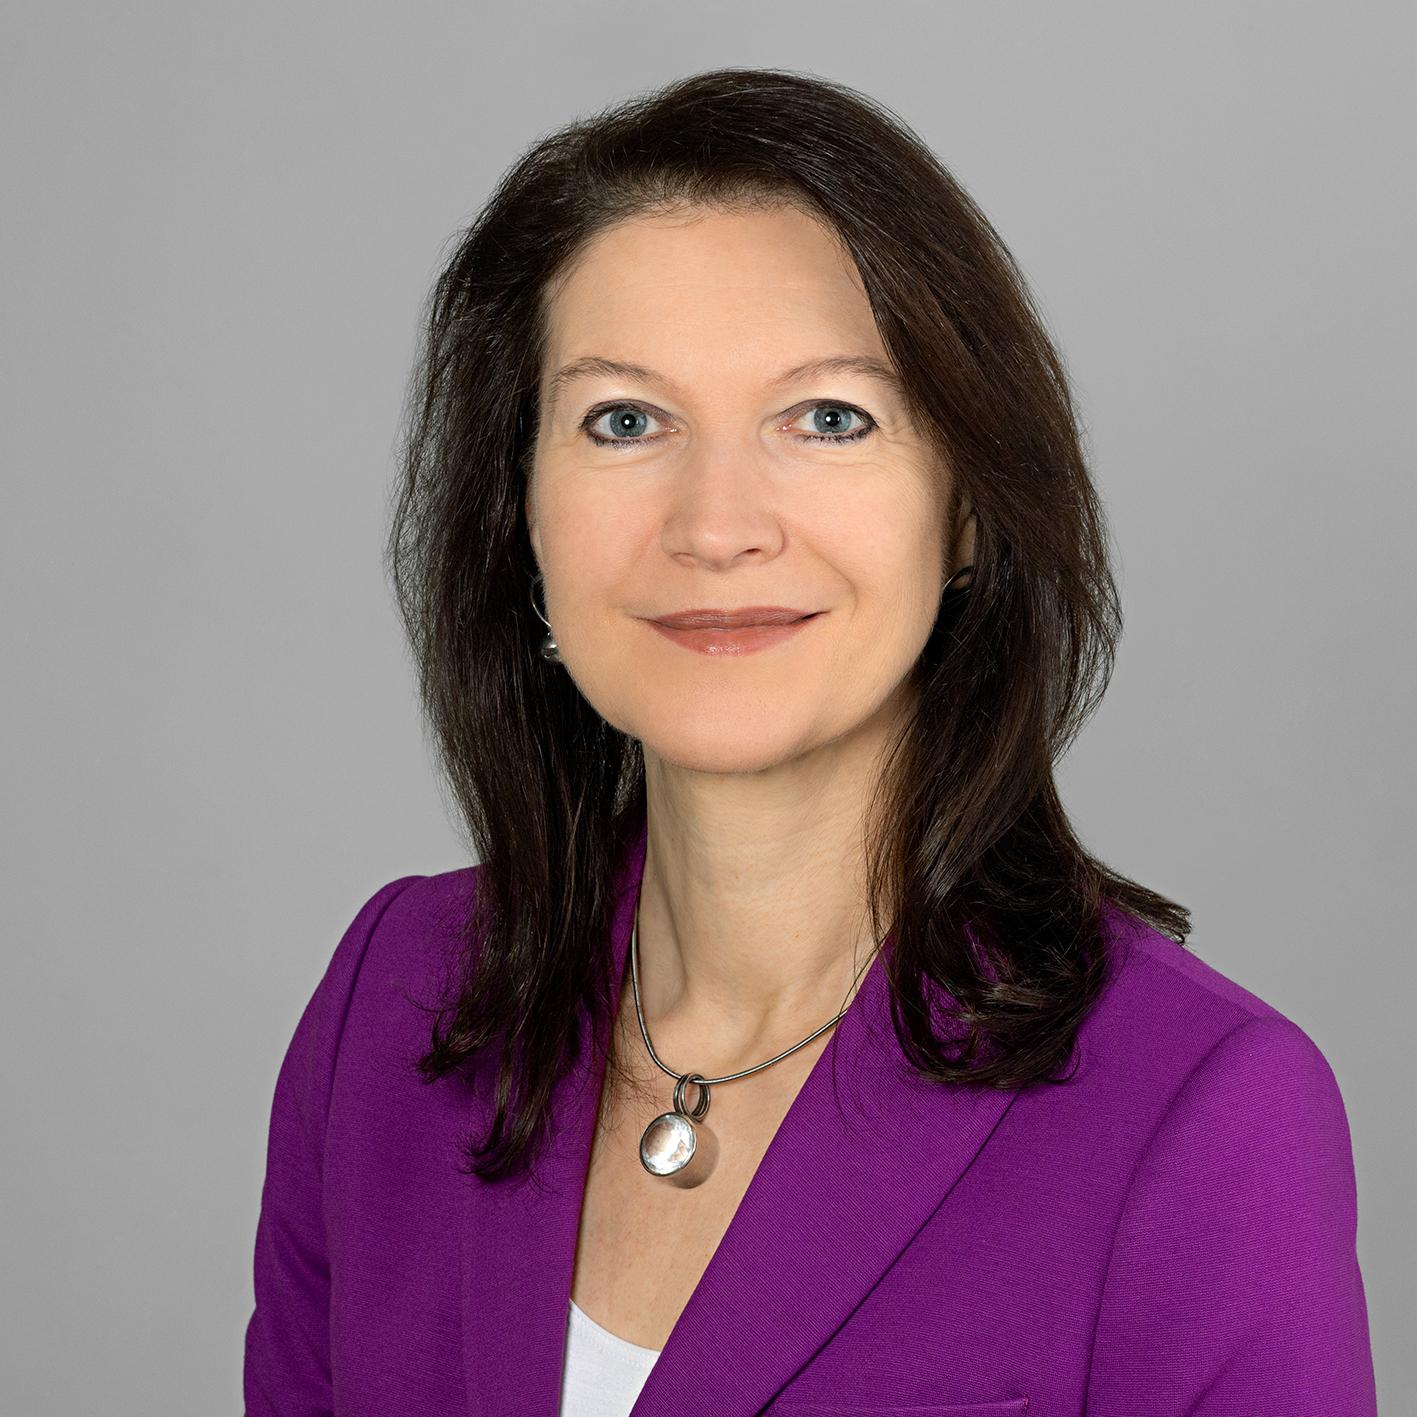 Tamara Schenk